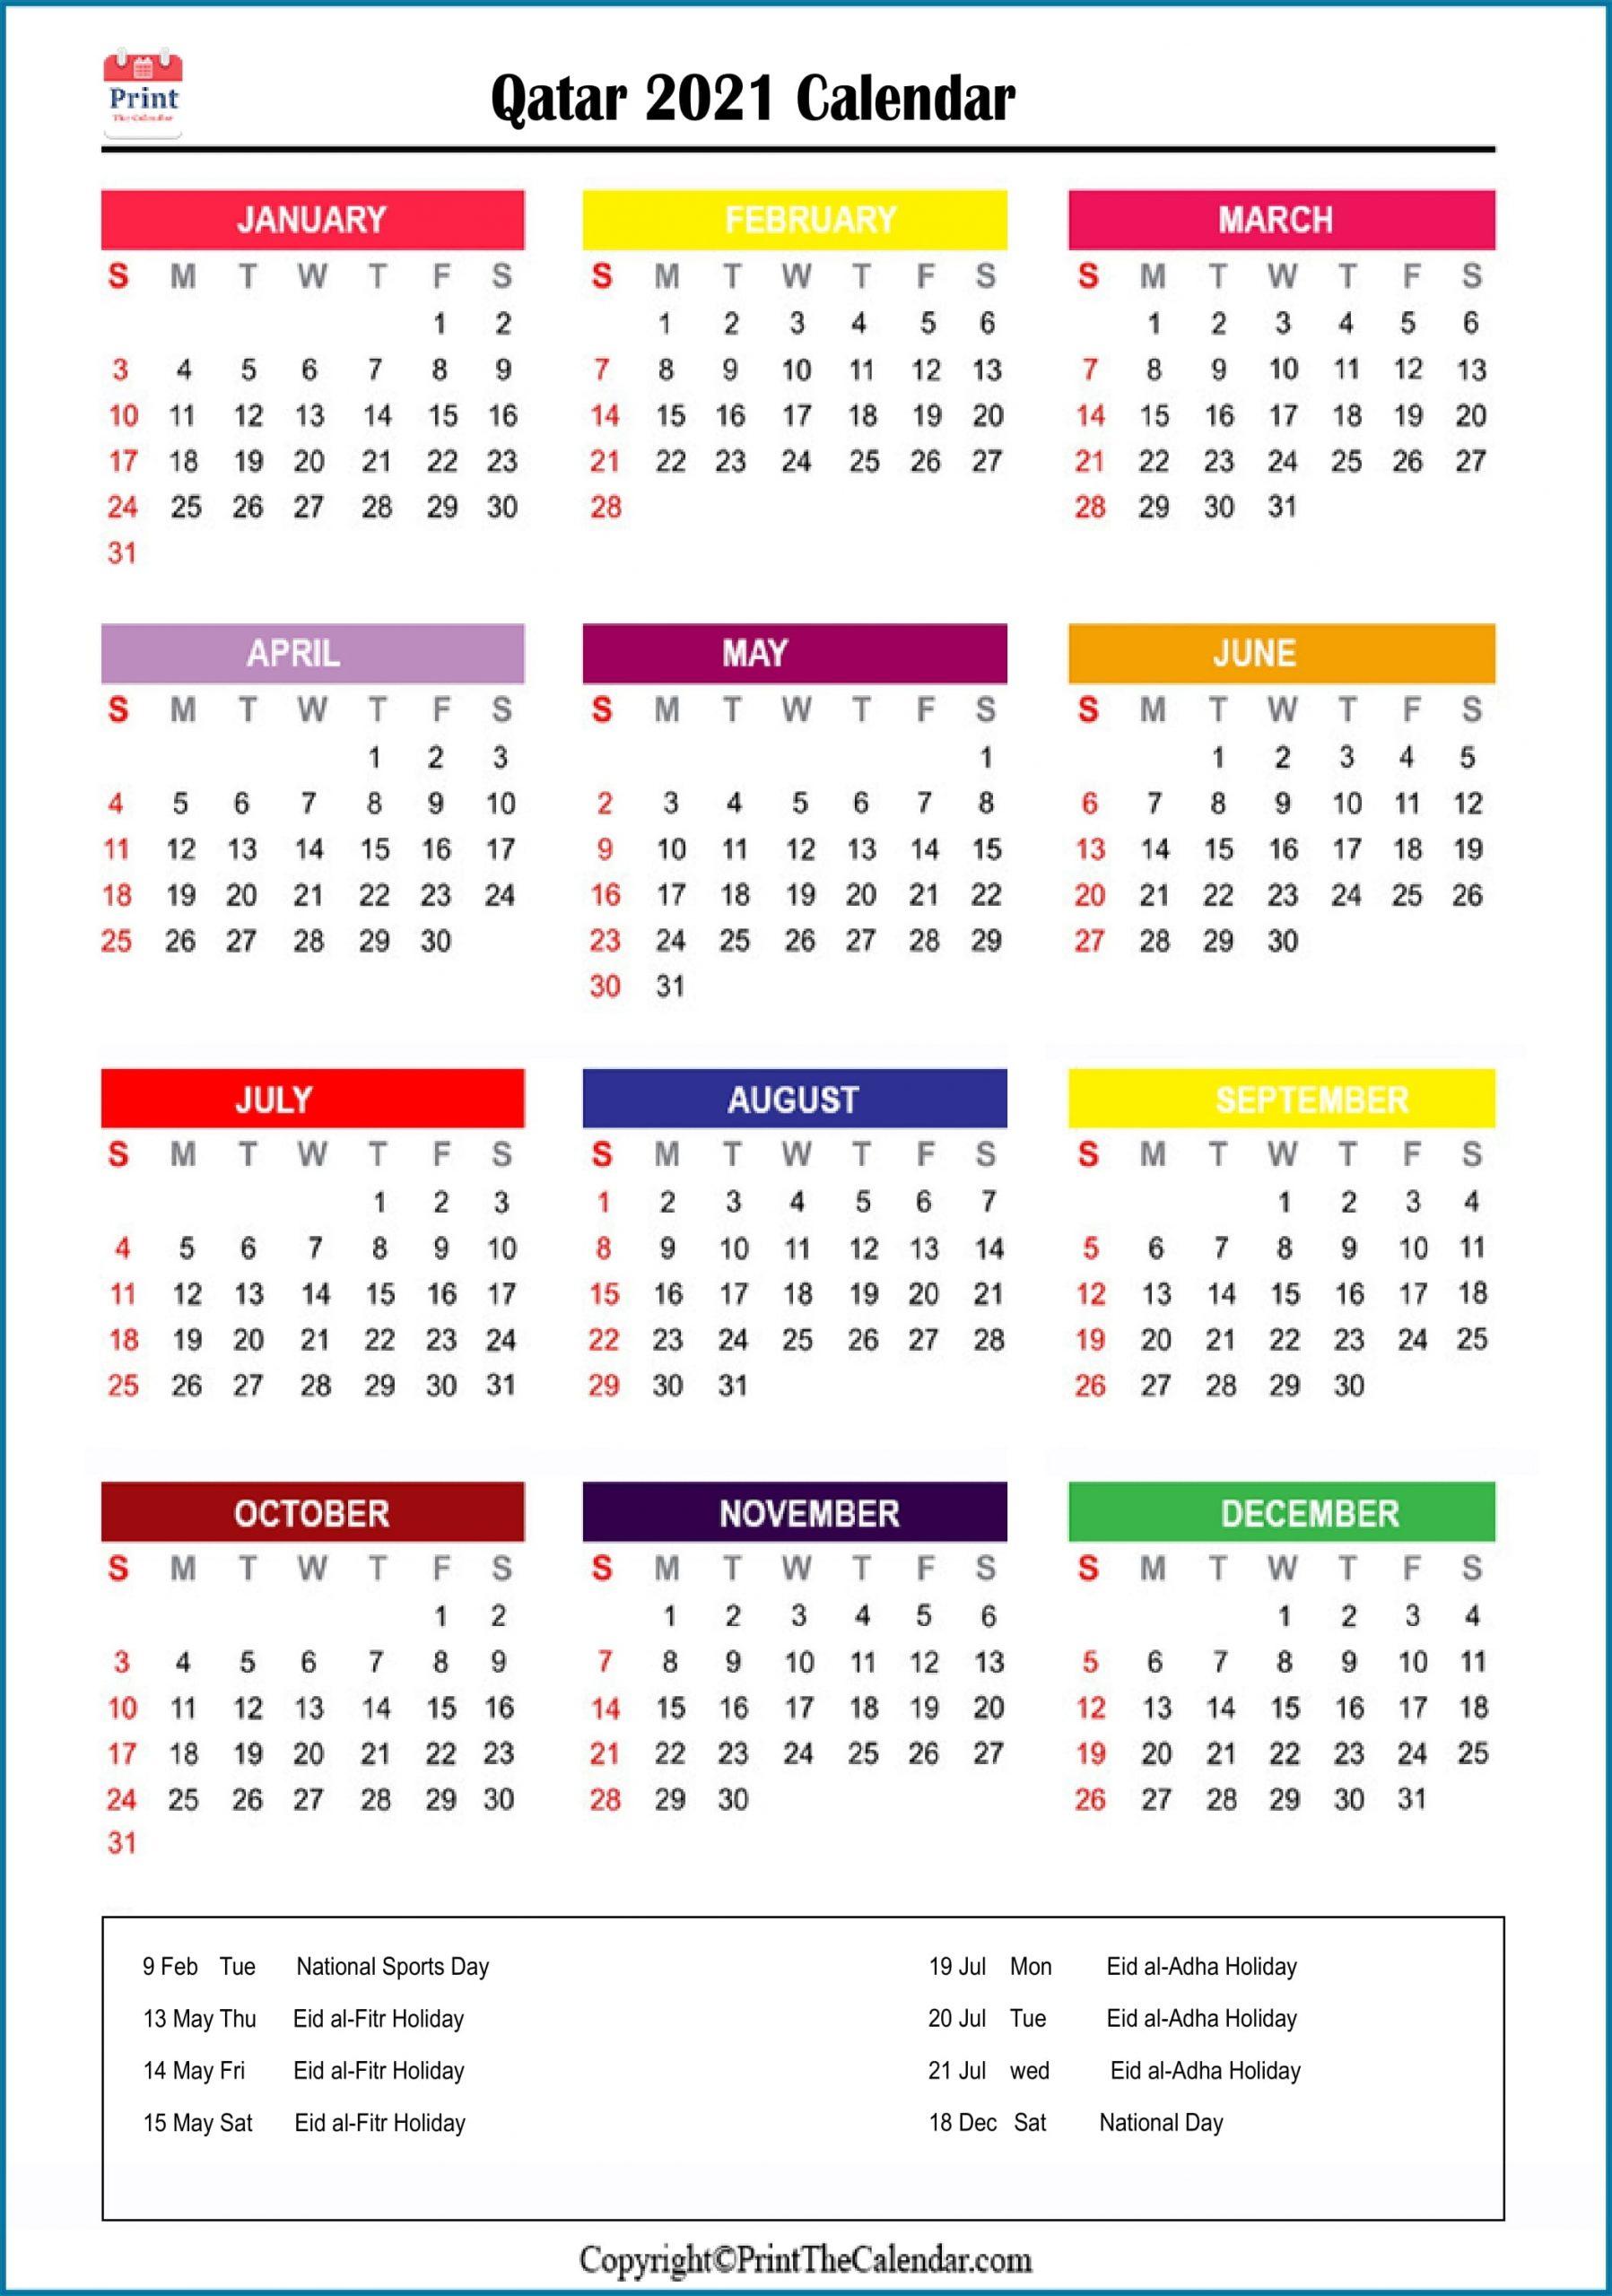 2021 Holiday Calendar Qatar | Qatar 2021 Holidays